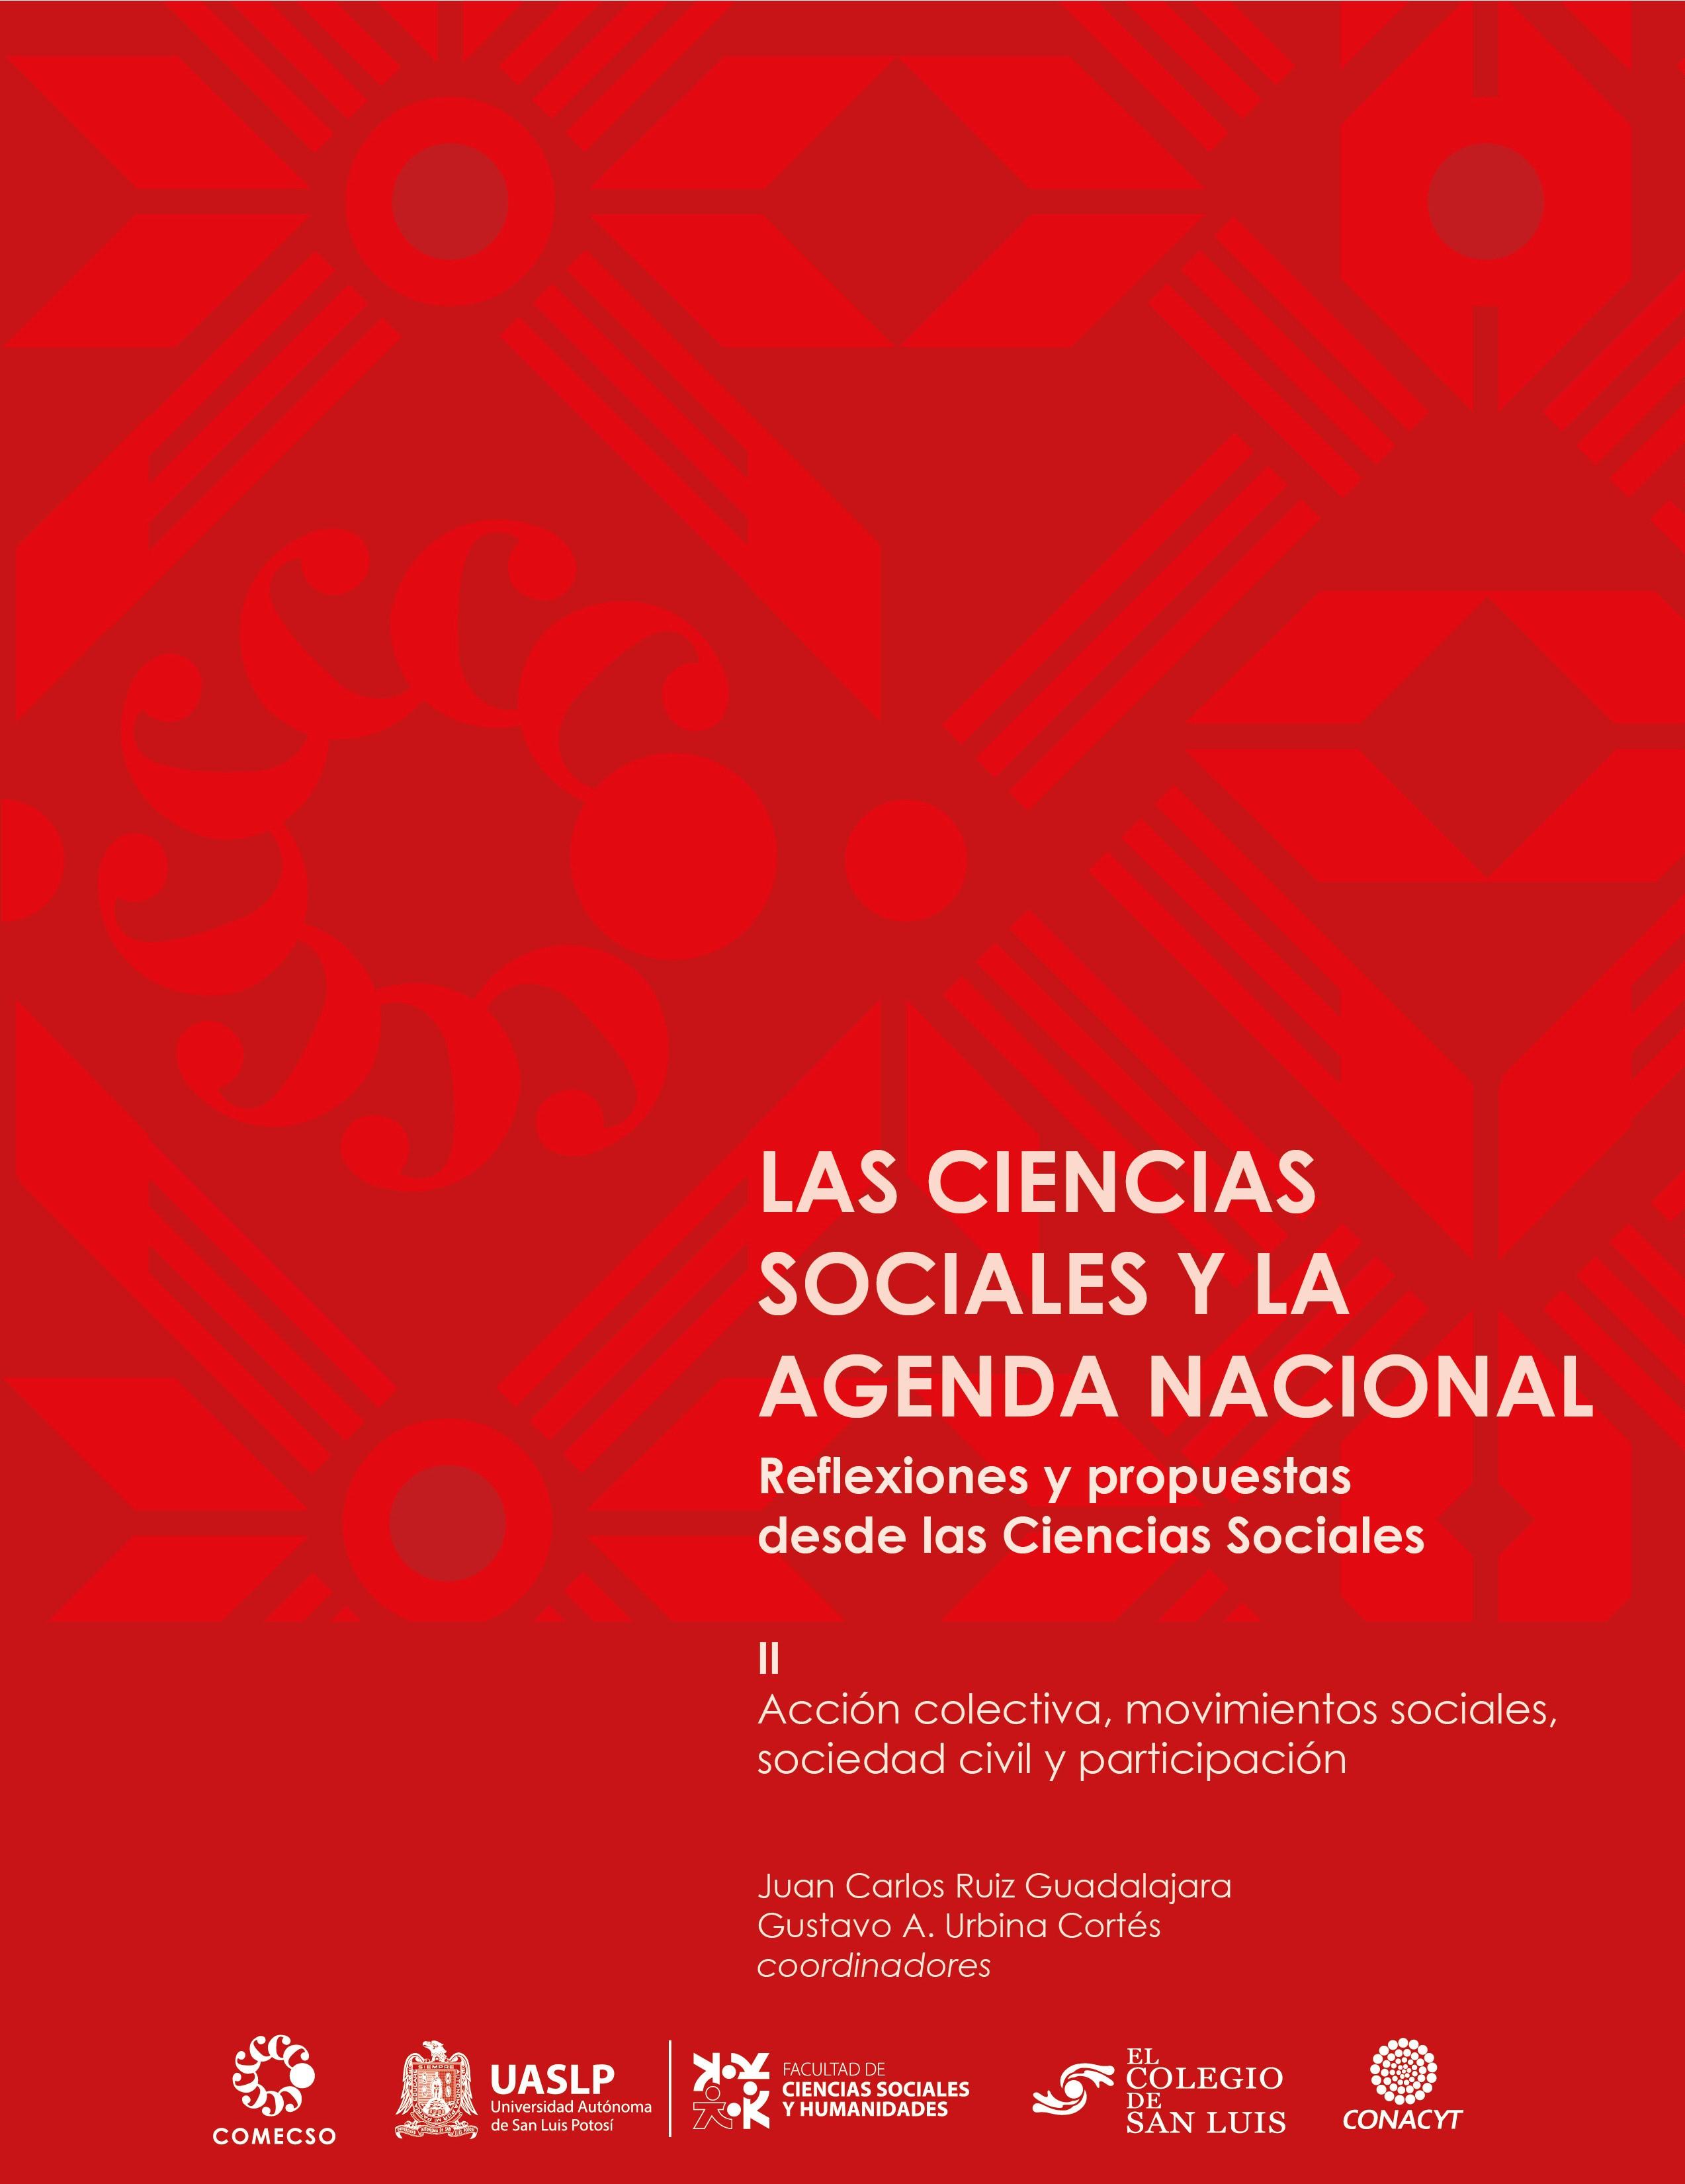 Vol. II. Acción colectiva, movimientos sociales, sociedad civil y participación